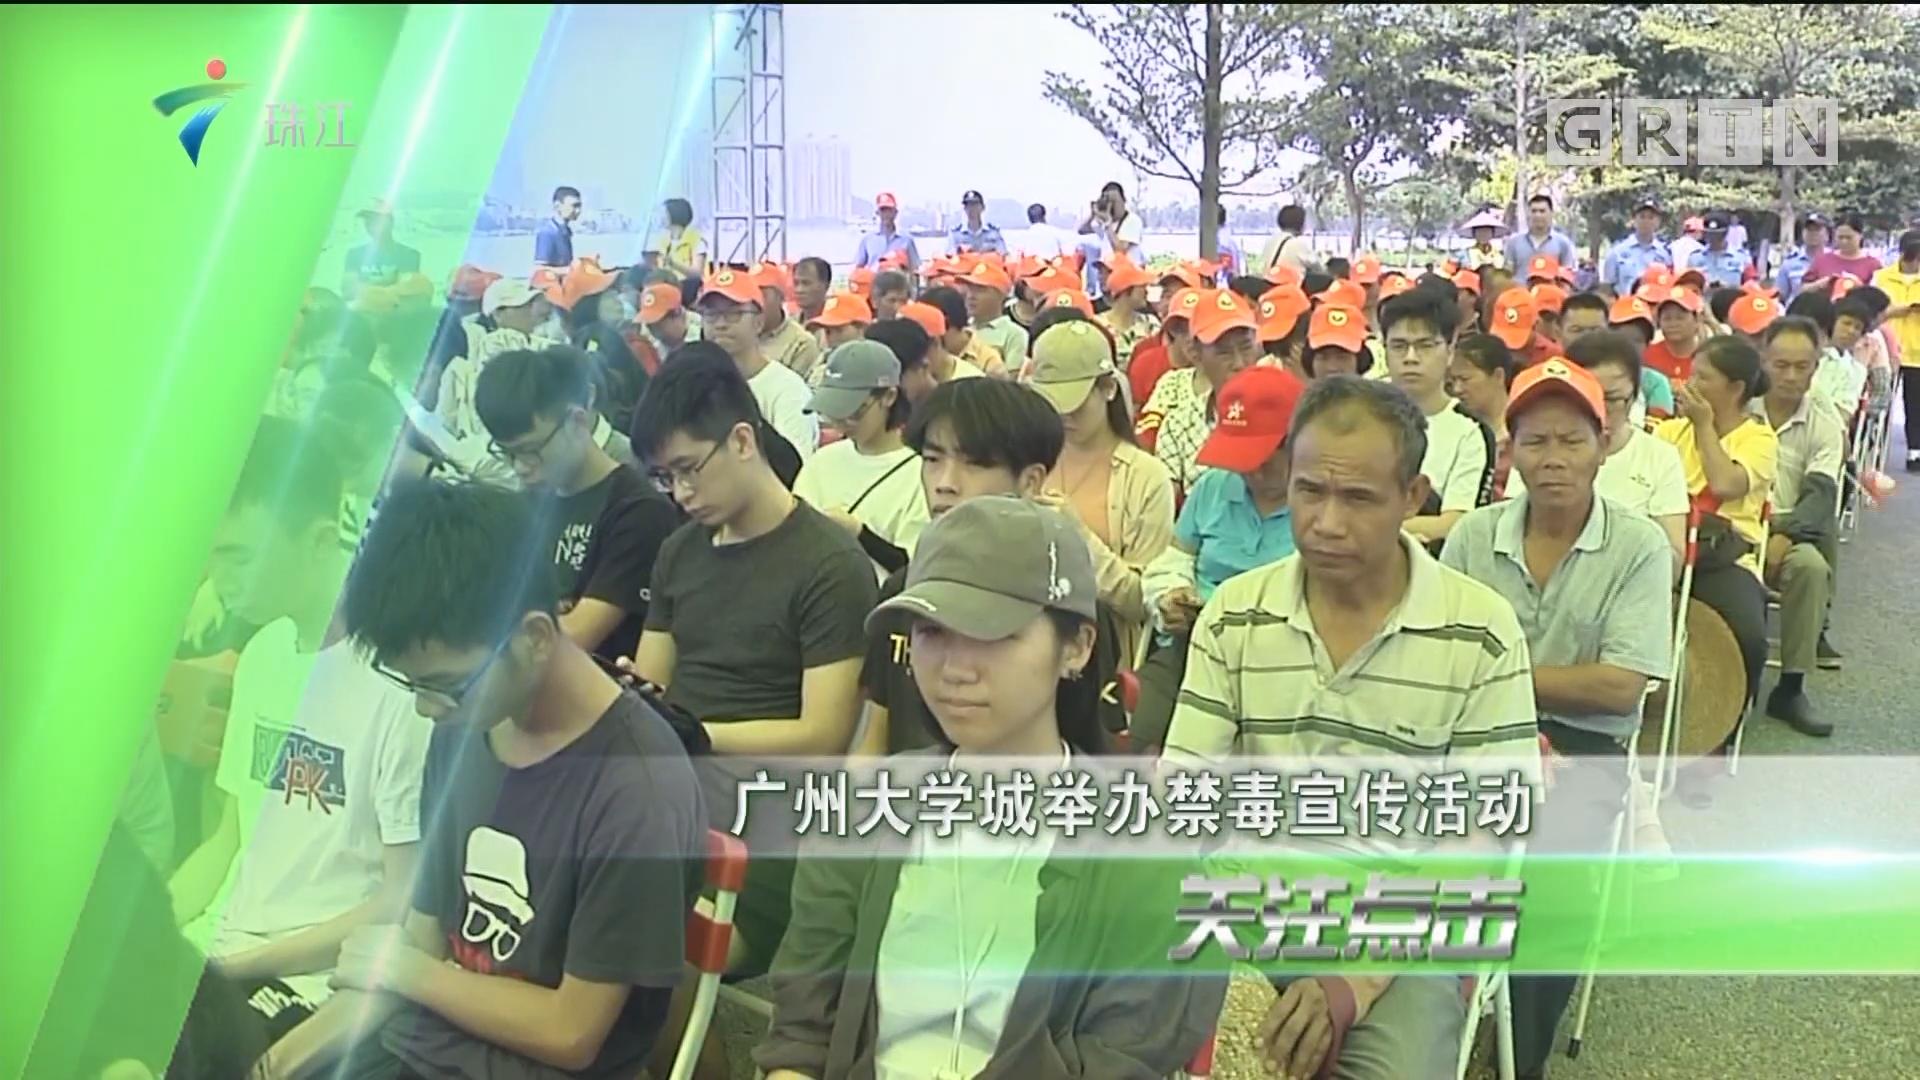 广州大学城举办禁毒宣传活动